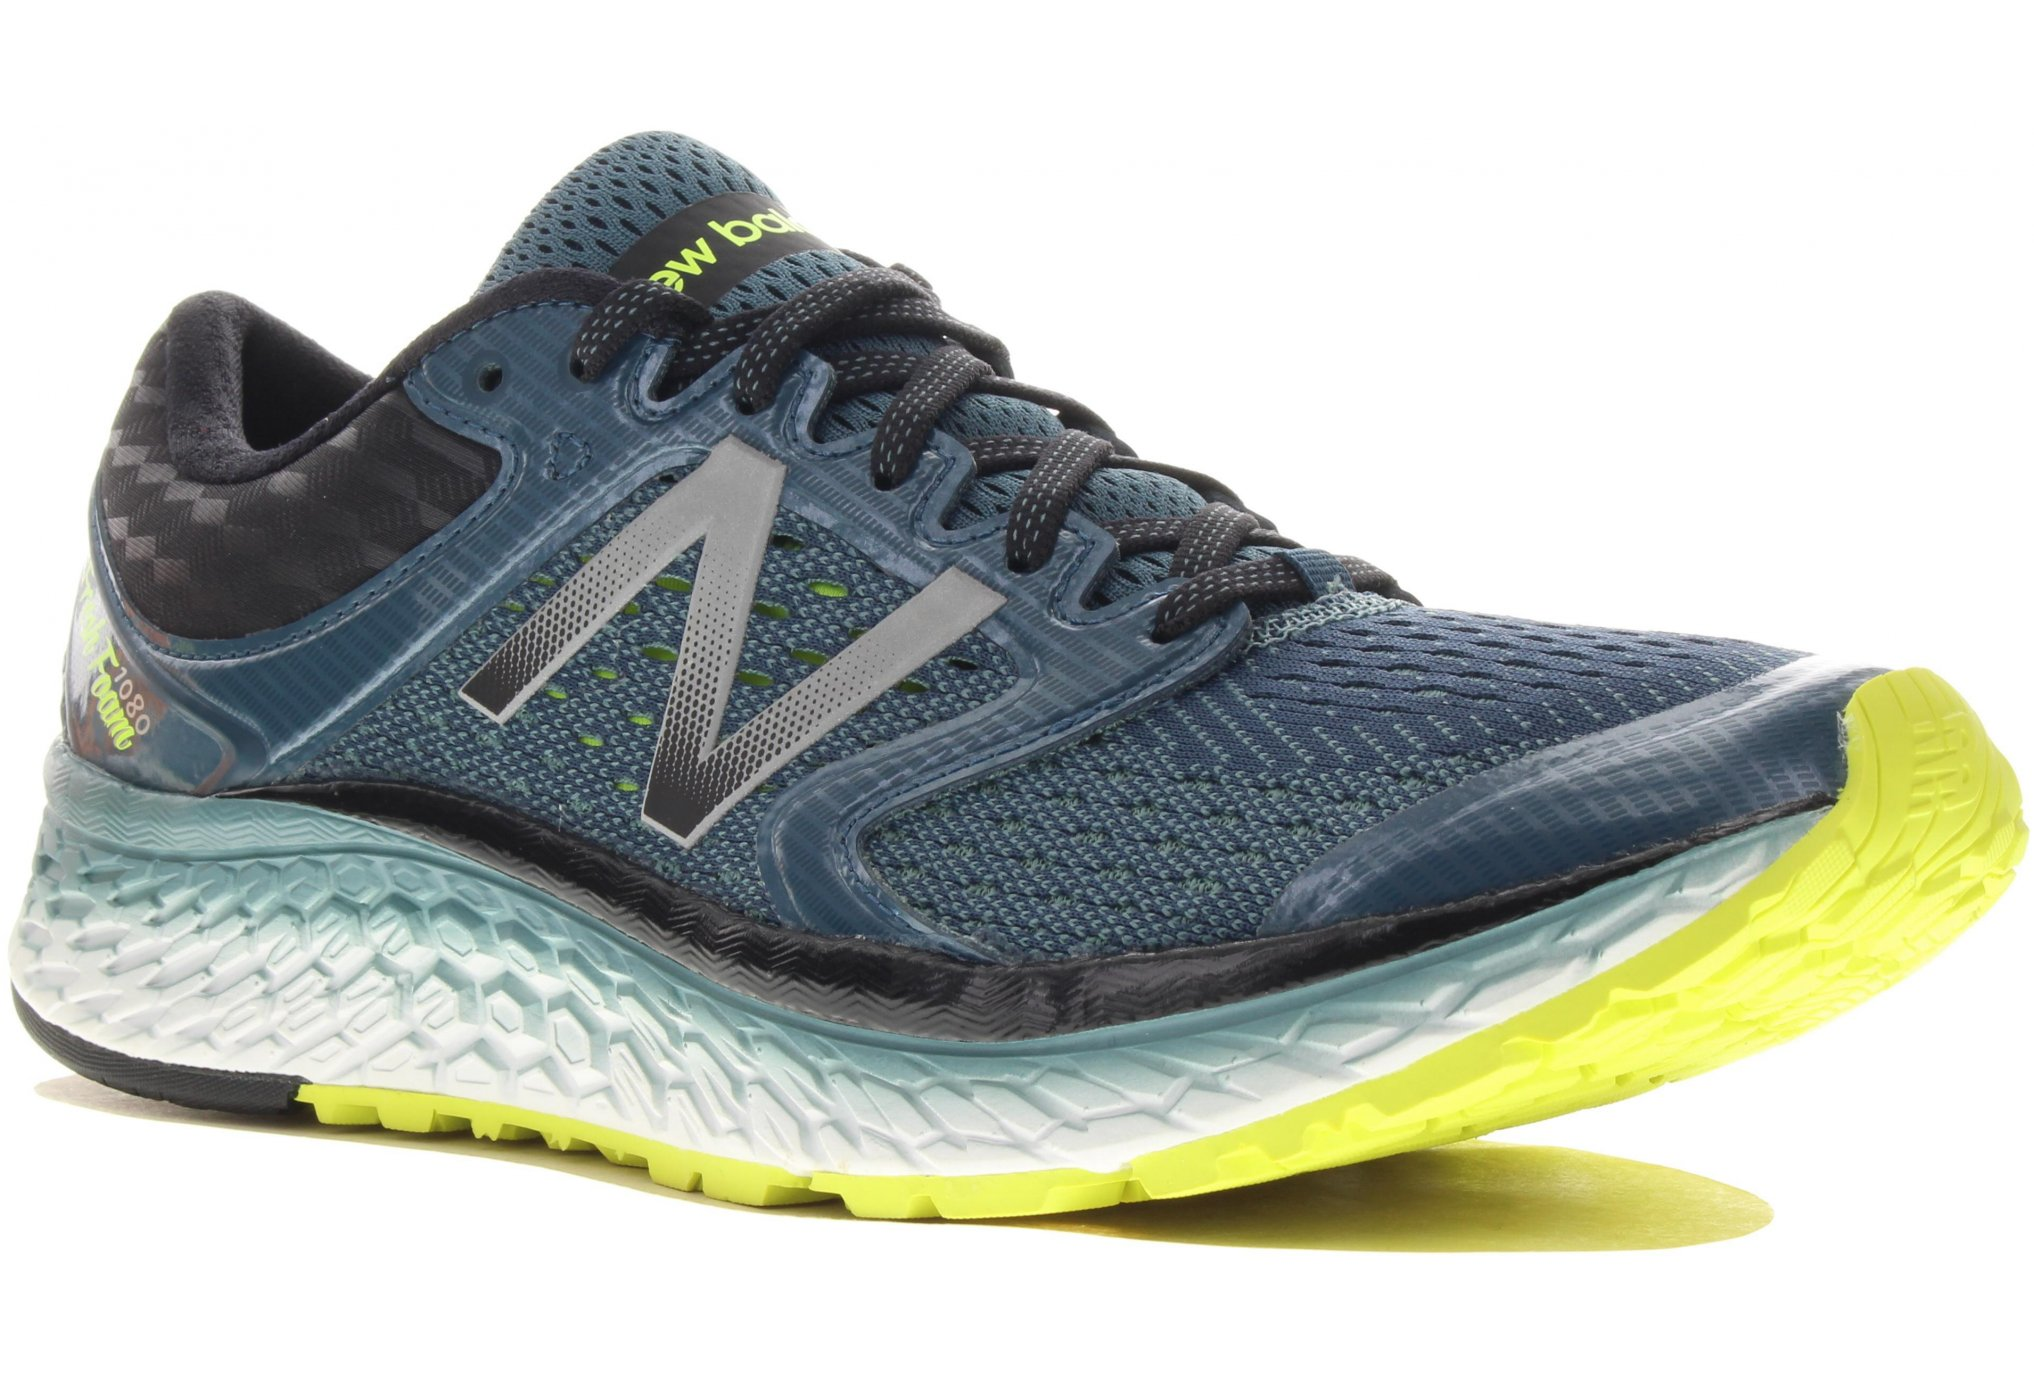 Chaussures Pour Soldes Le En Marathon rrPOfqp